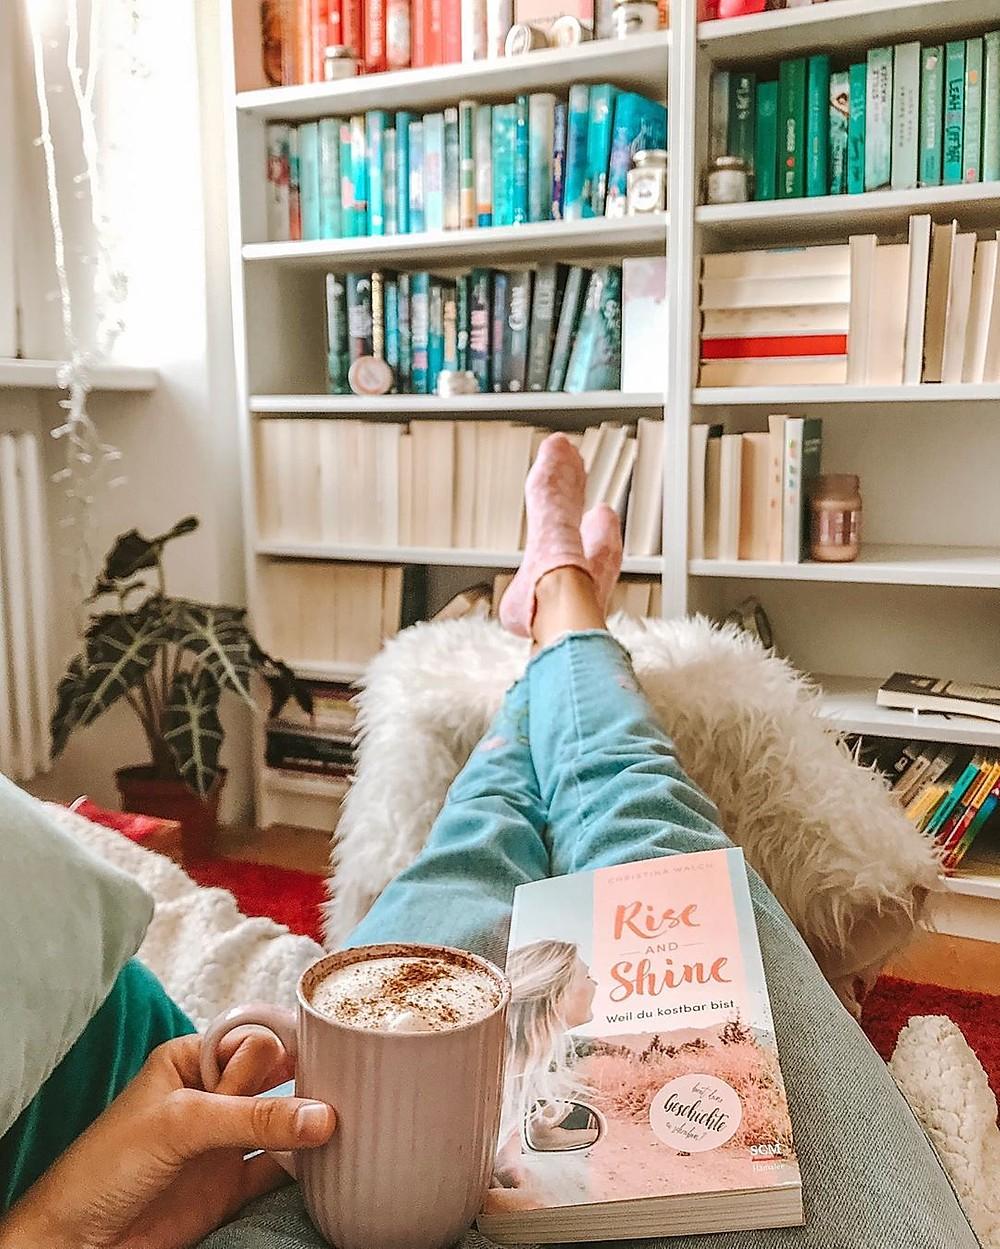 7 bước thật nhanh gọn và đơn giản để thiết kế góc đọc sách tiện lợi cho những ngày dài ở nhà - Ảnh 4.